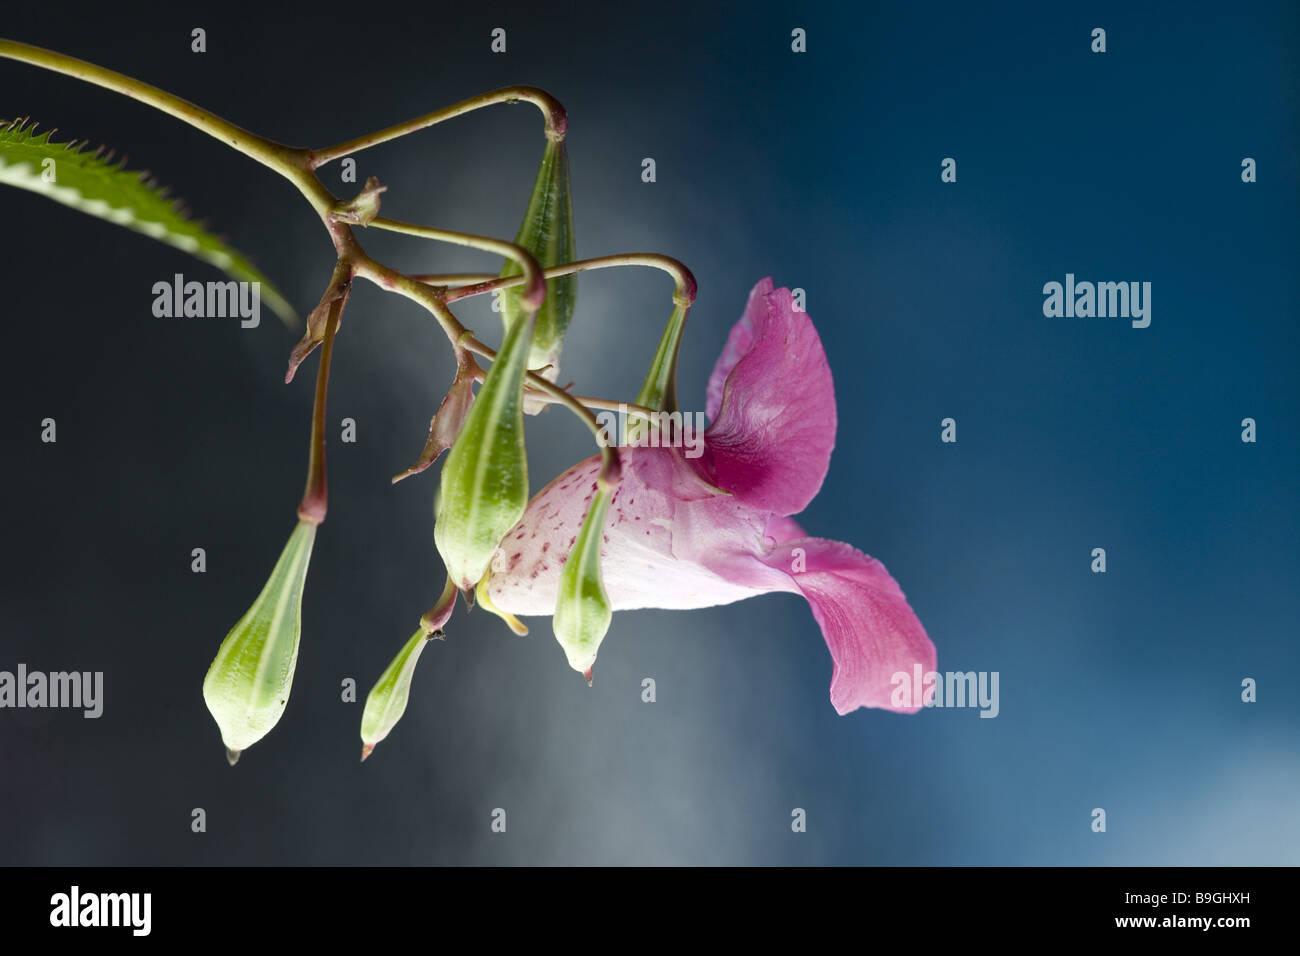 Indian touch-me-not Impatiens glandulifera détail capsules de graines fleurs jardin des plantes emscherorchidee-alternative Banque D'Images